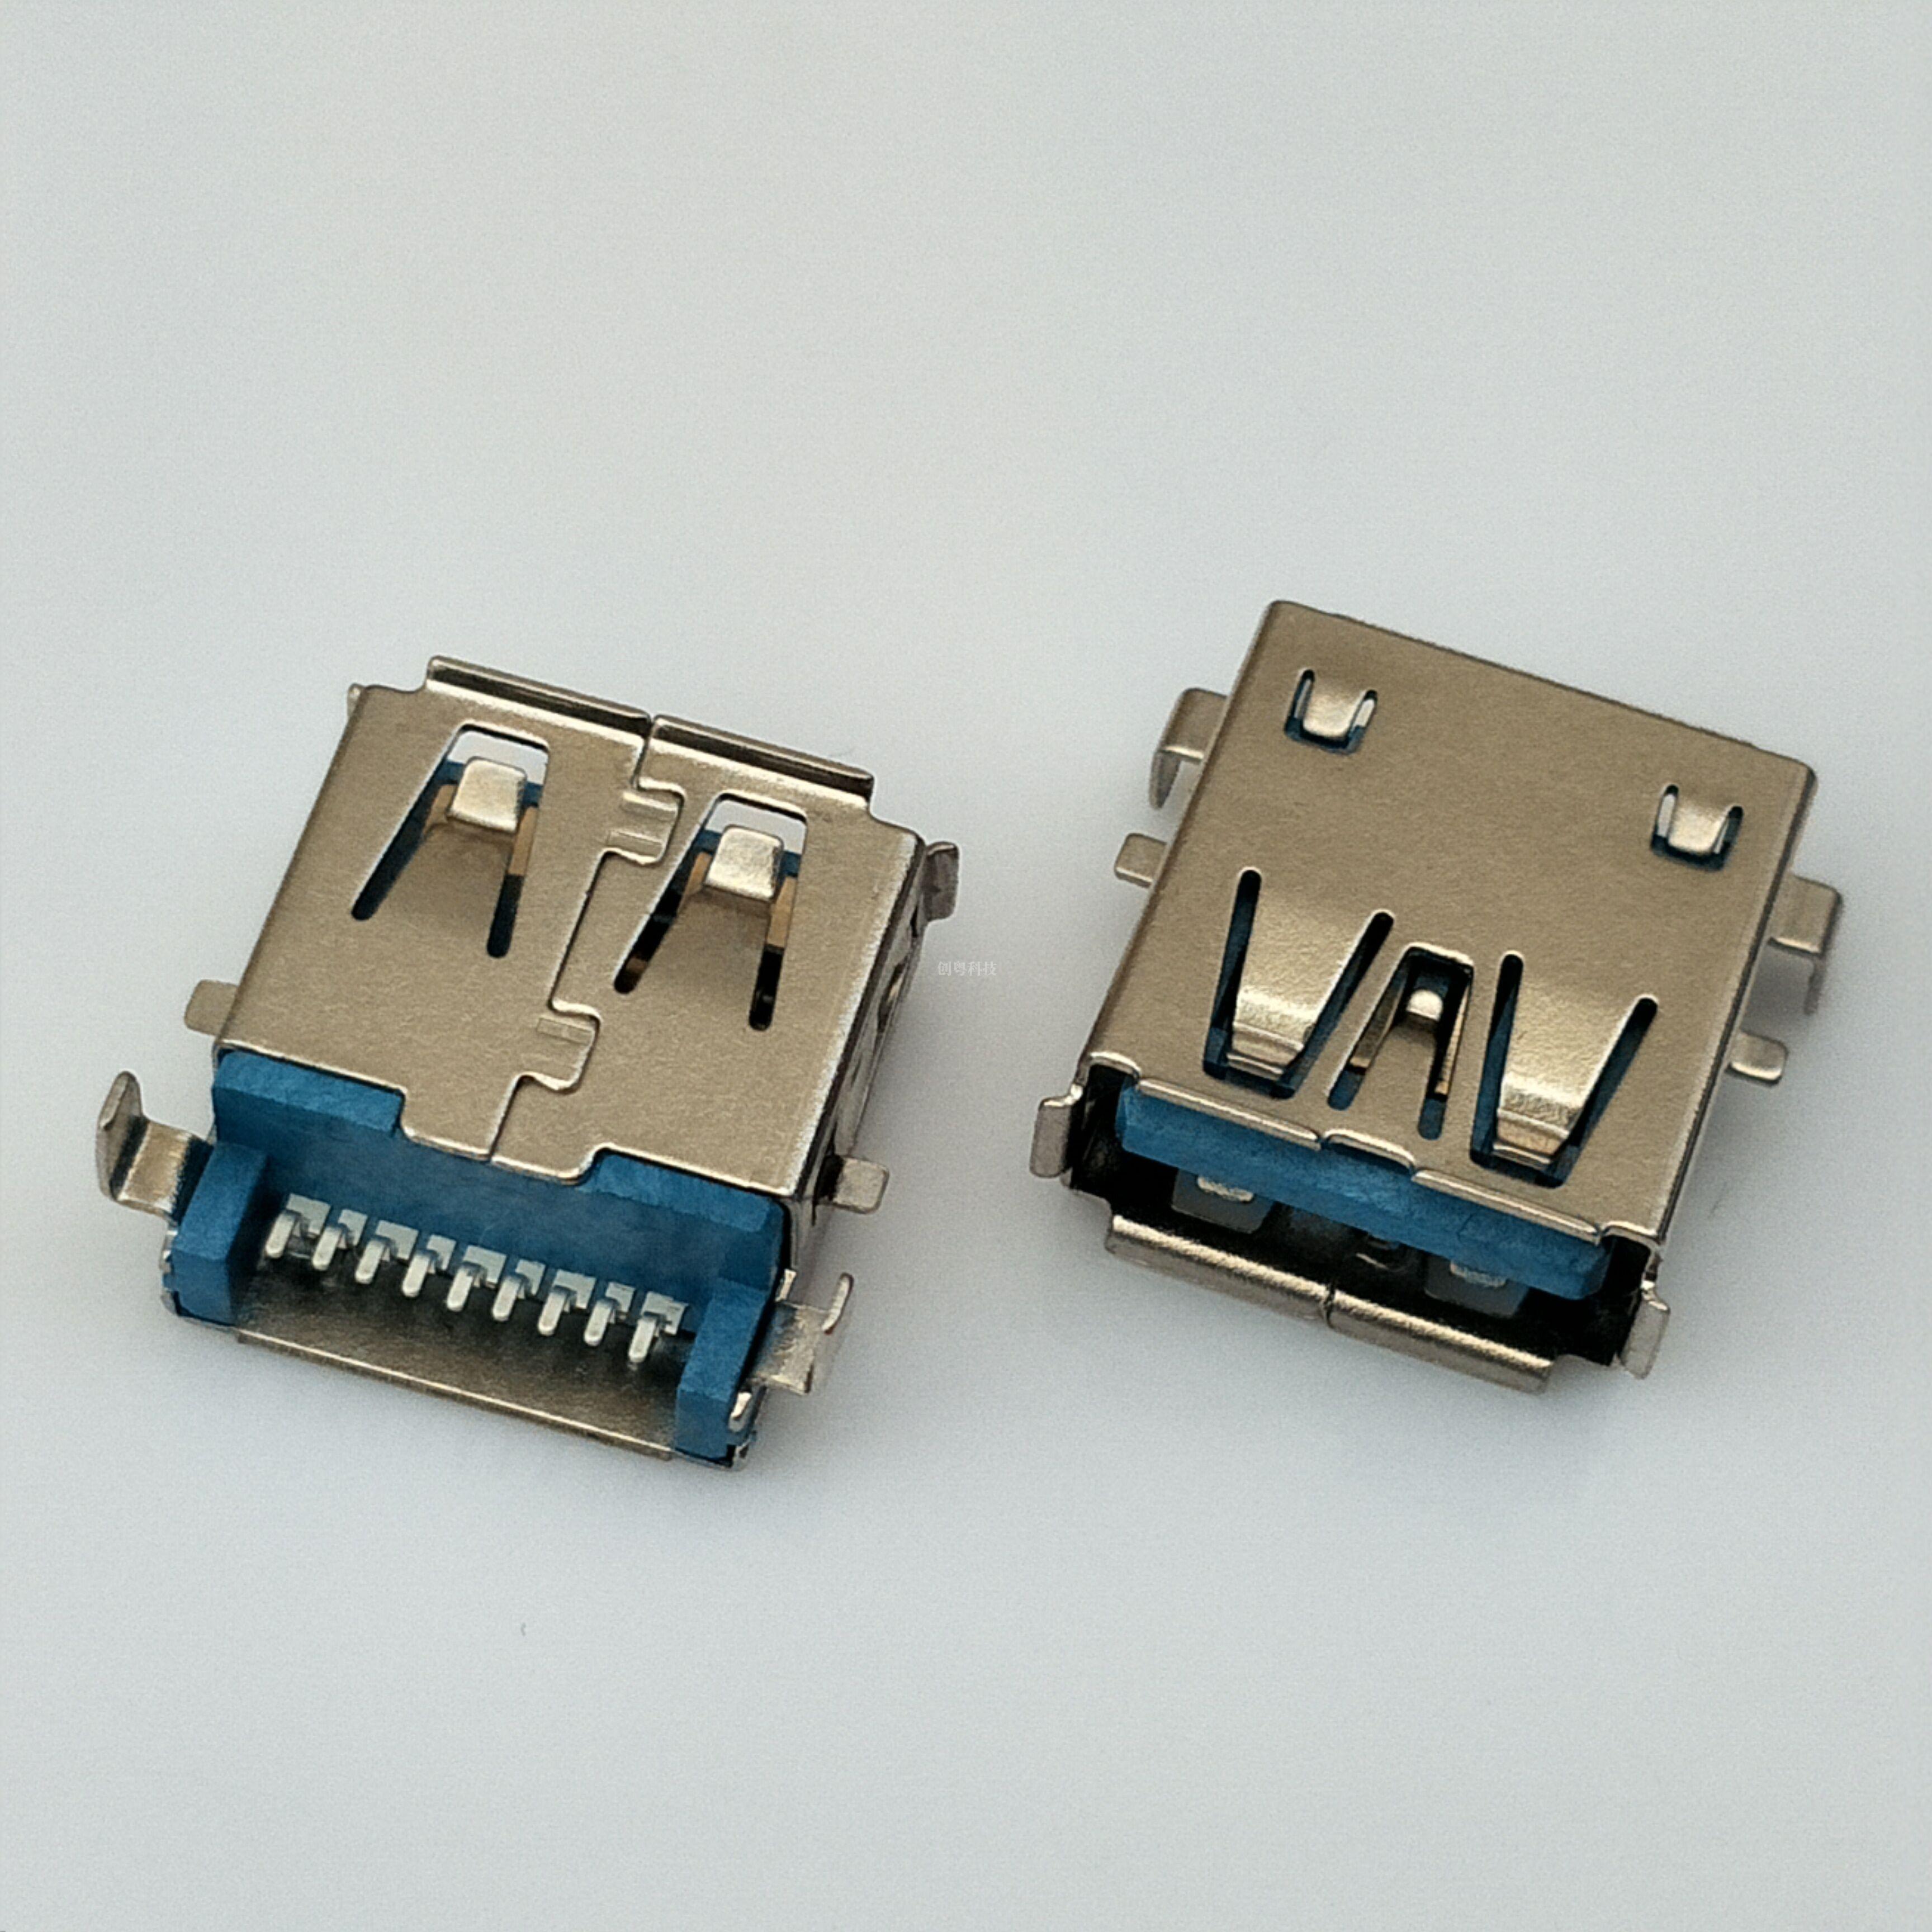 USB 3.0 沉板贴片